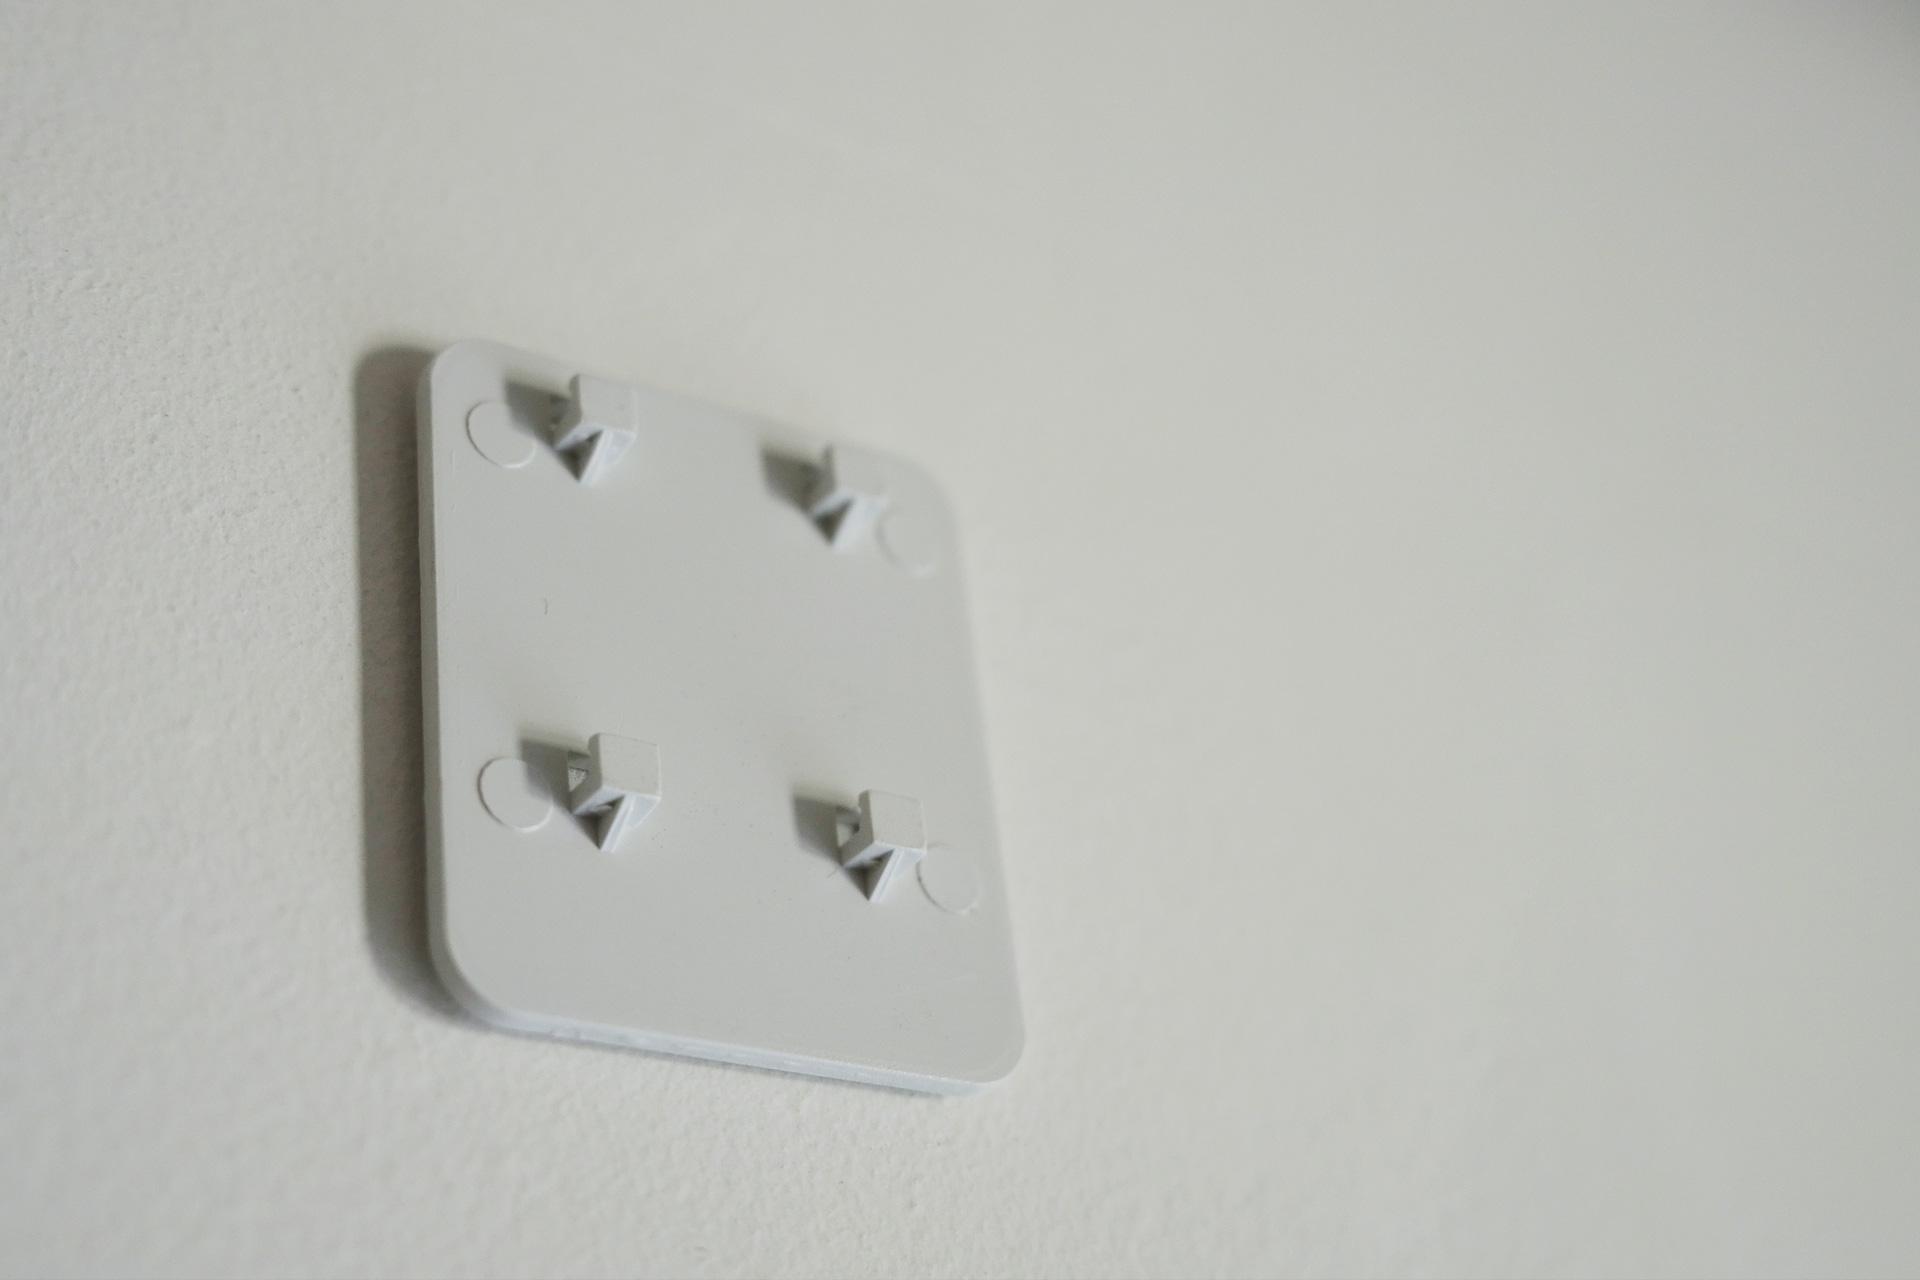 LEDセンサーライト USB充電式 壁掛け用フック